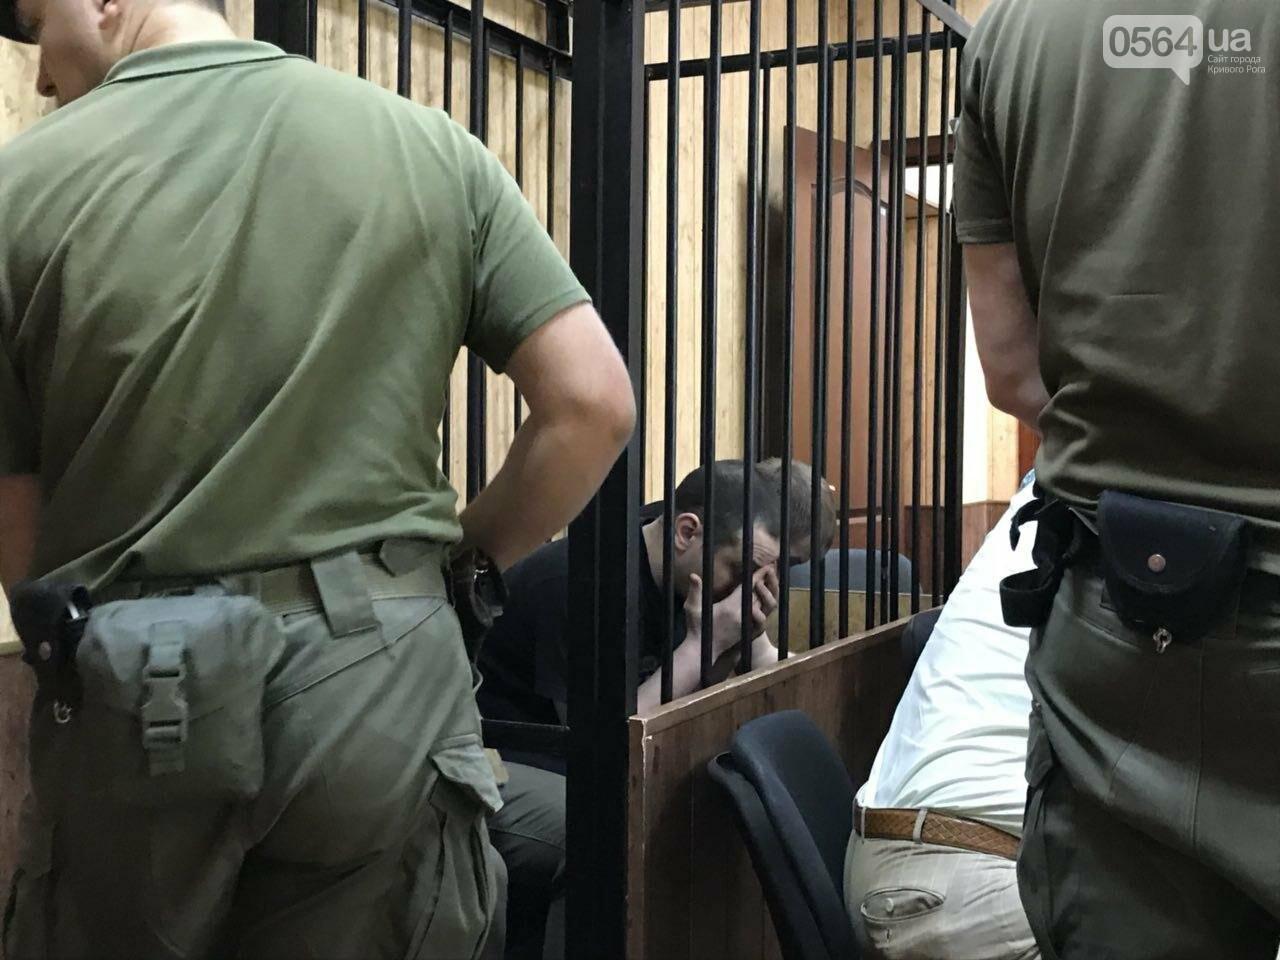 В Кривом Роге перенесли суд по делу о похищении и убийстве 20-летнего студента, - ФОТО, фото-7